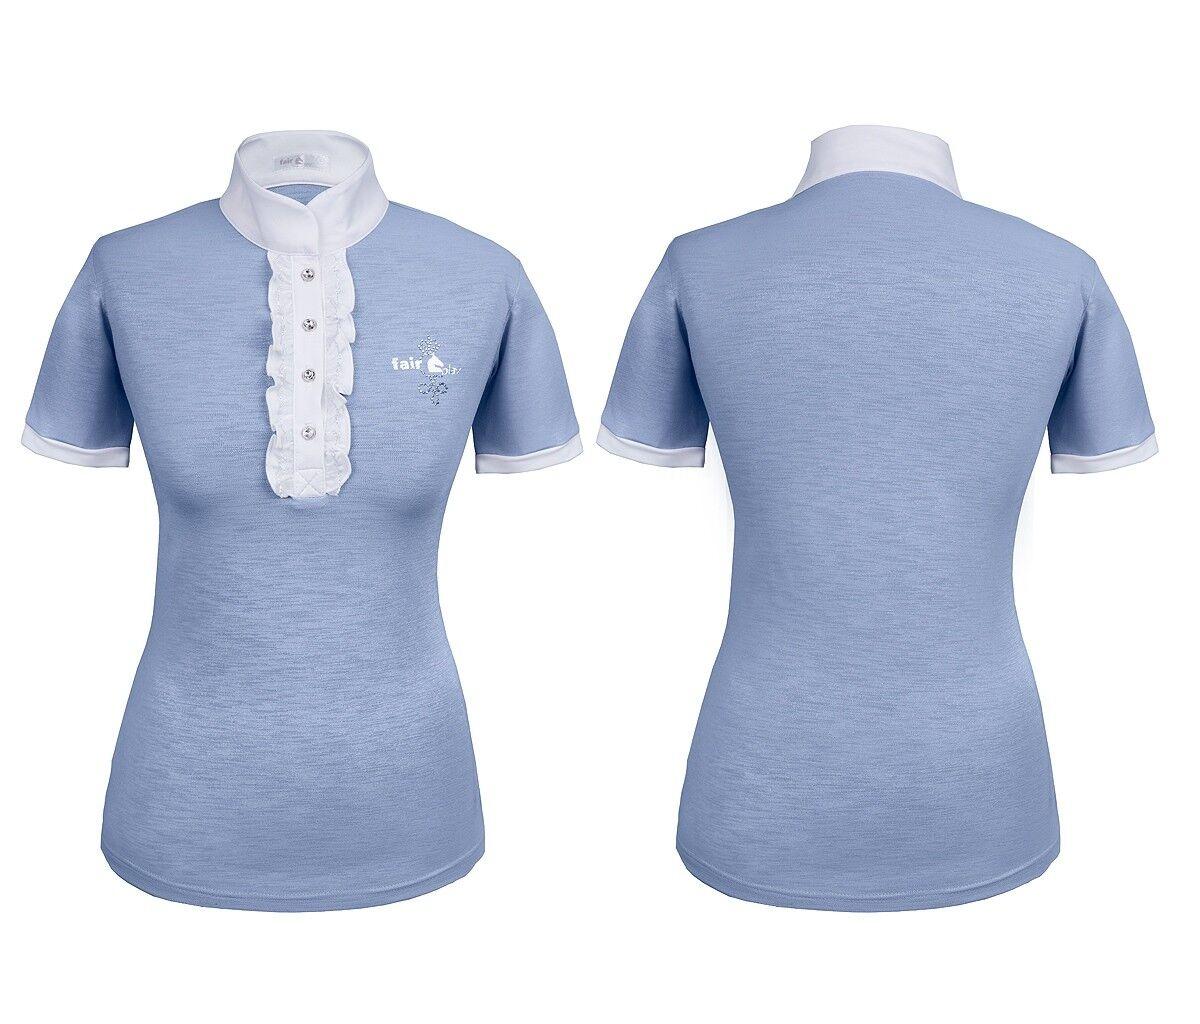 Fair Jugar  torneo azulsa torneo camisa show camisa Ulla-Pale azul novedad  barato en alta calidad